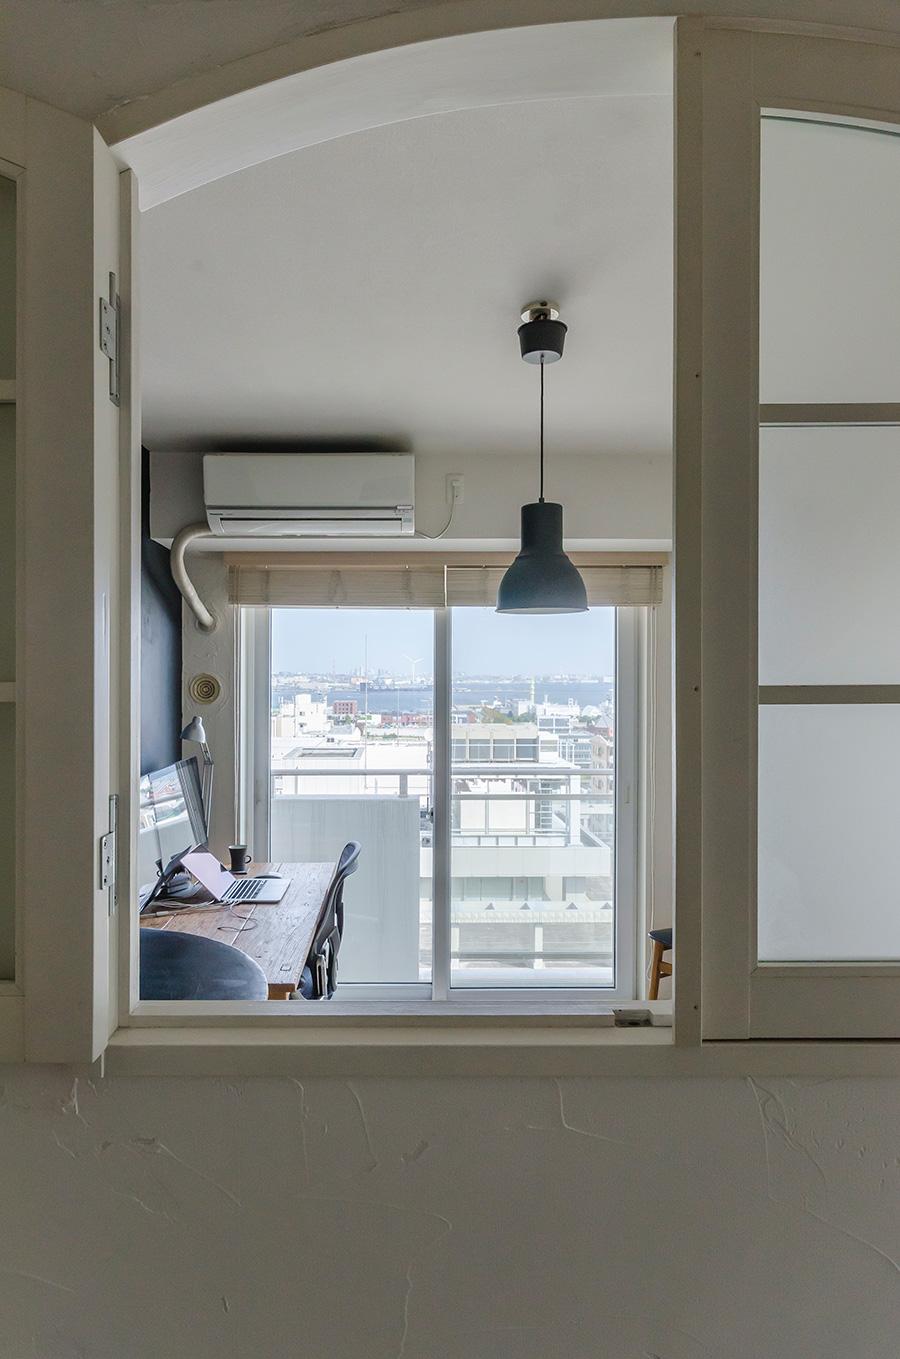 廊下と仕事部屋の間の壁にはアーチ型の小窓を設けた。ベランダからの光が通り抜ける。